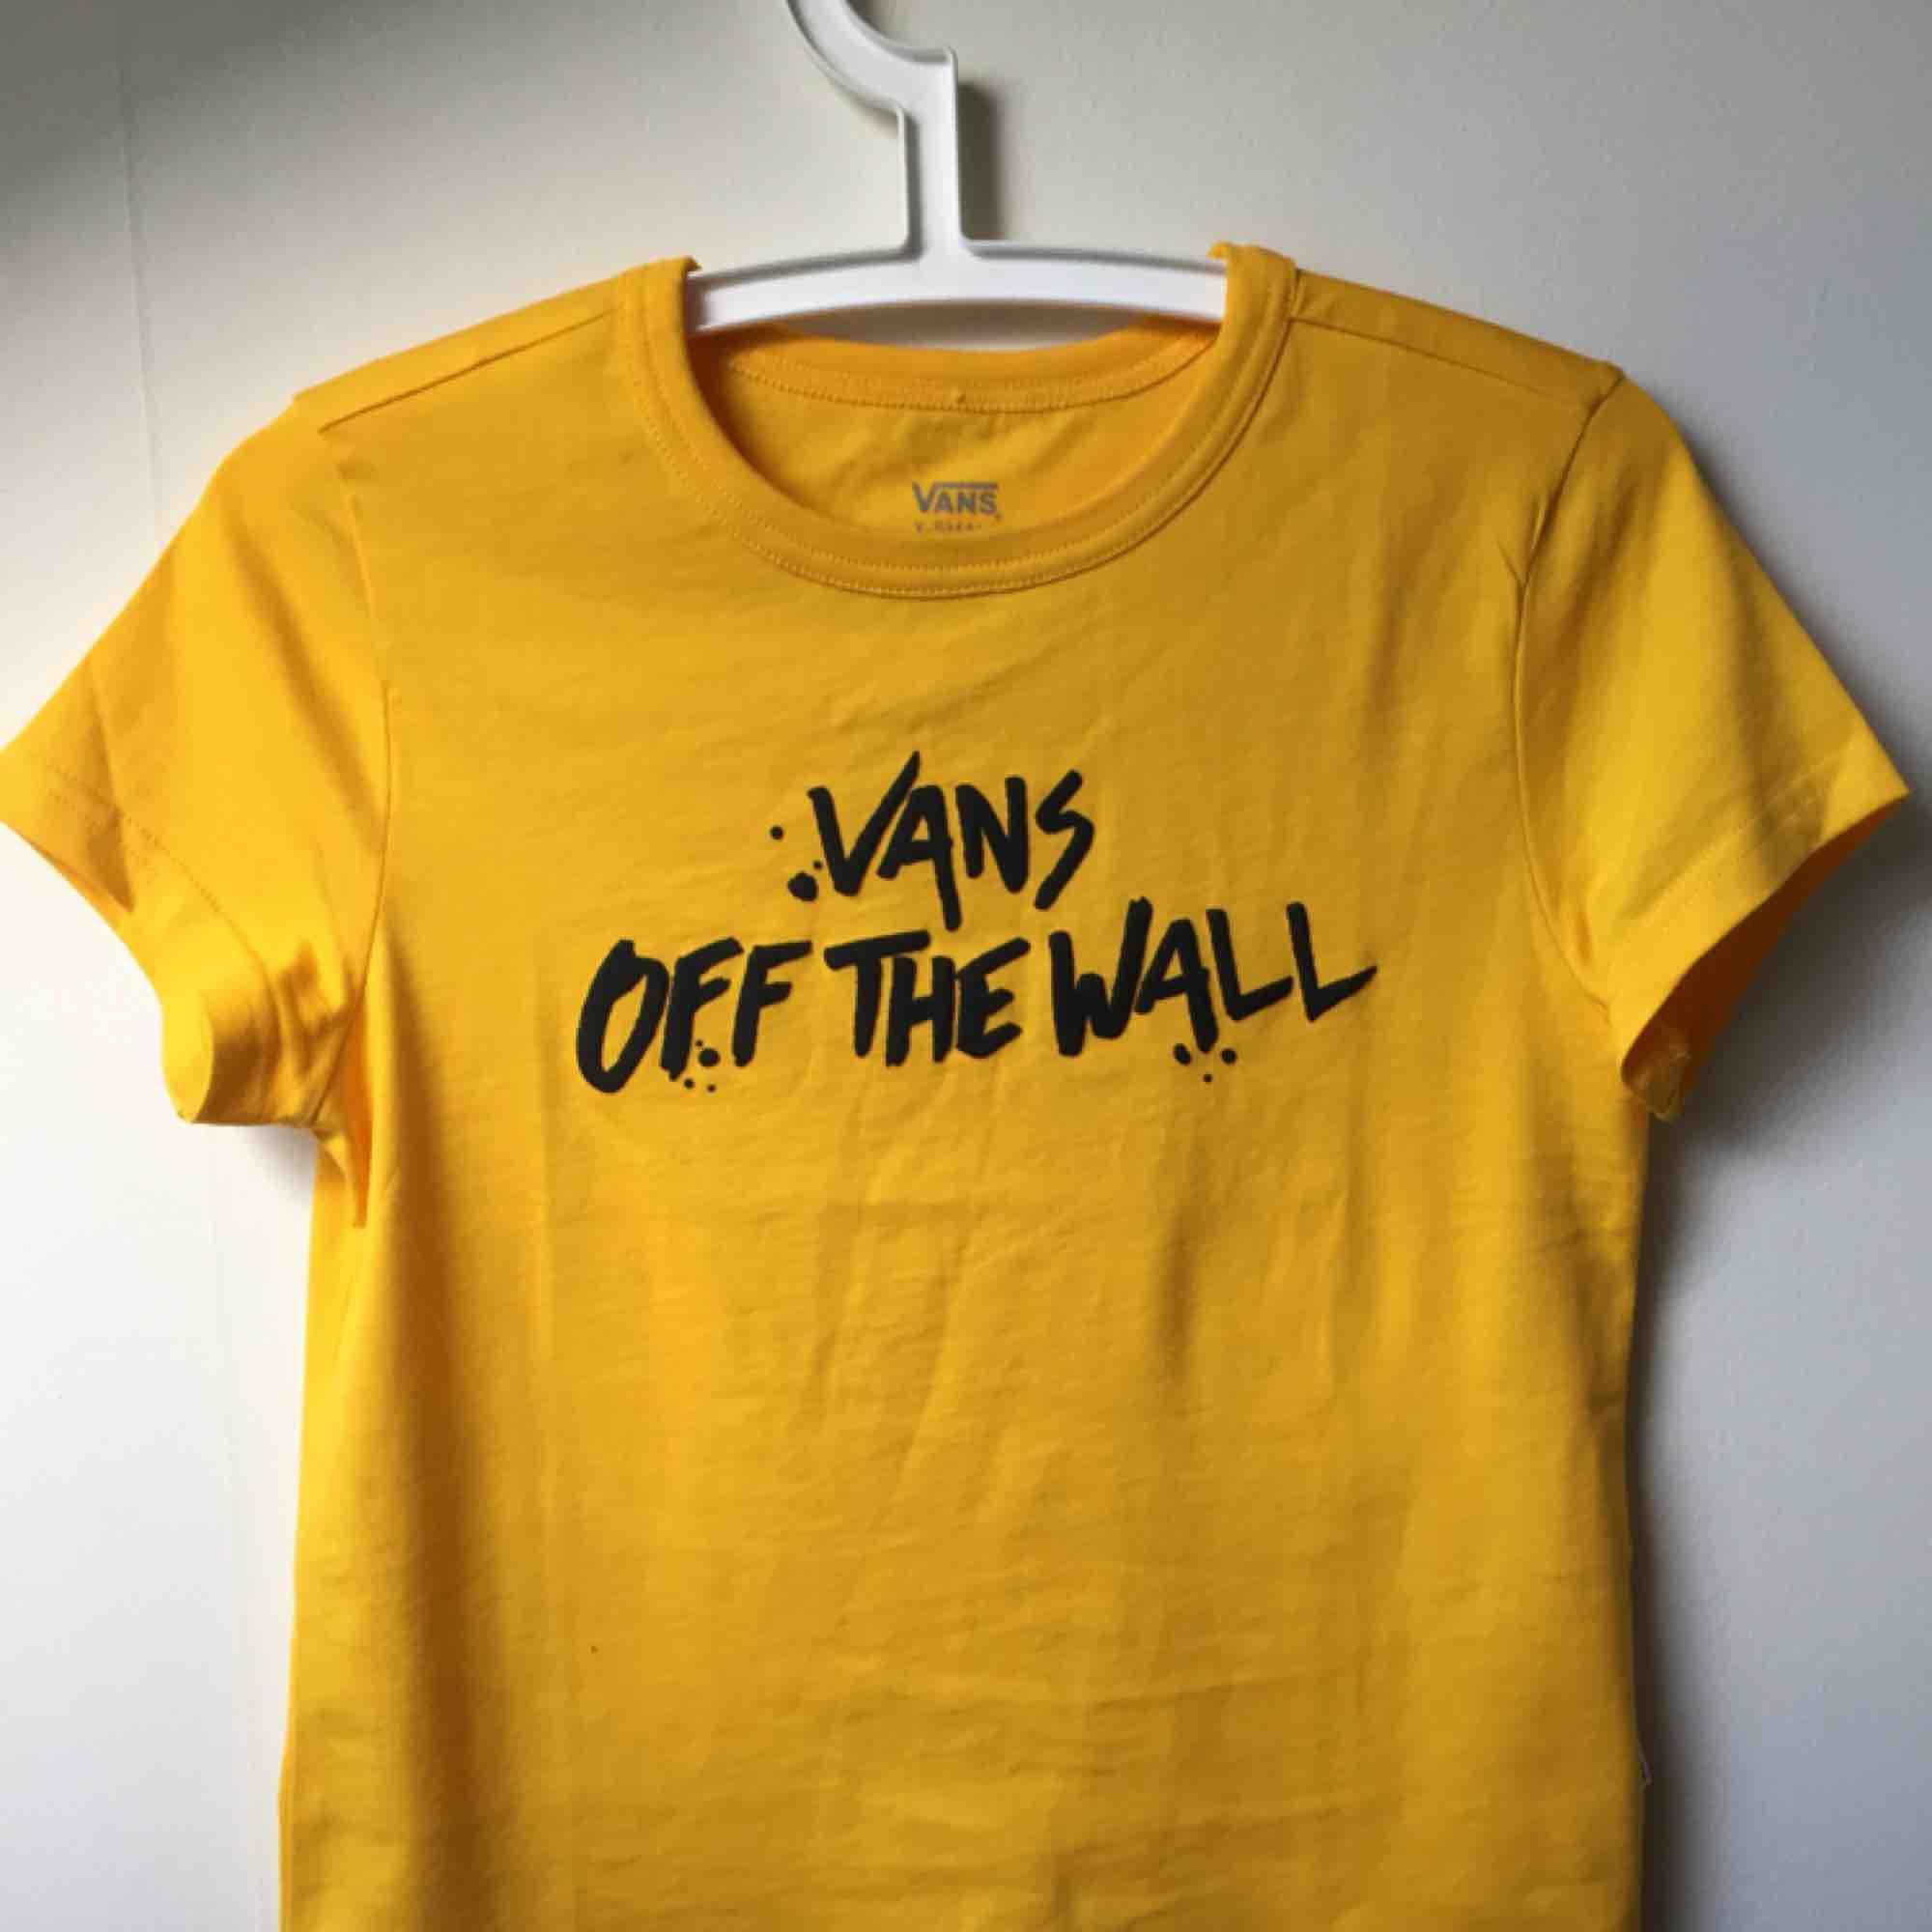 Snygg Vans tisha, som ny. Använd en gång. Lite kortare än en vanlig tshirt men inte croppad. Trycket är lite gummi-aktigt, alltså lite struktur. En riktig longboard-tshirt till sommarn nu ☀️ frakt tillkommer. T-shirts.